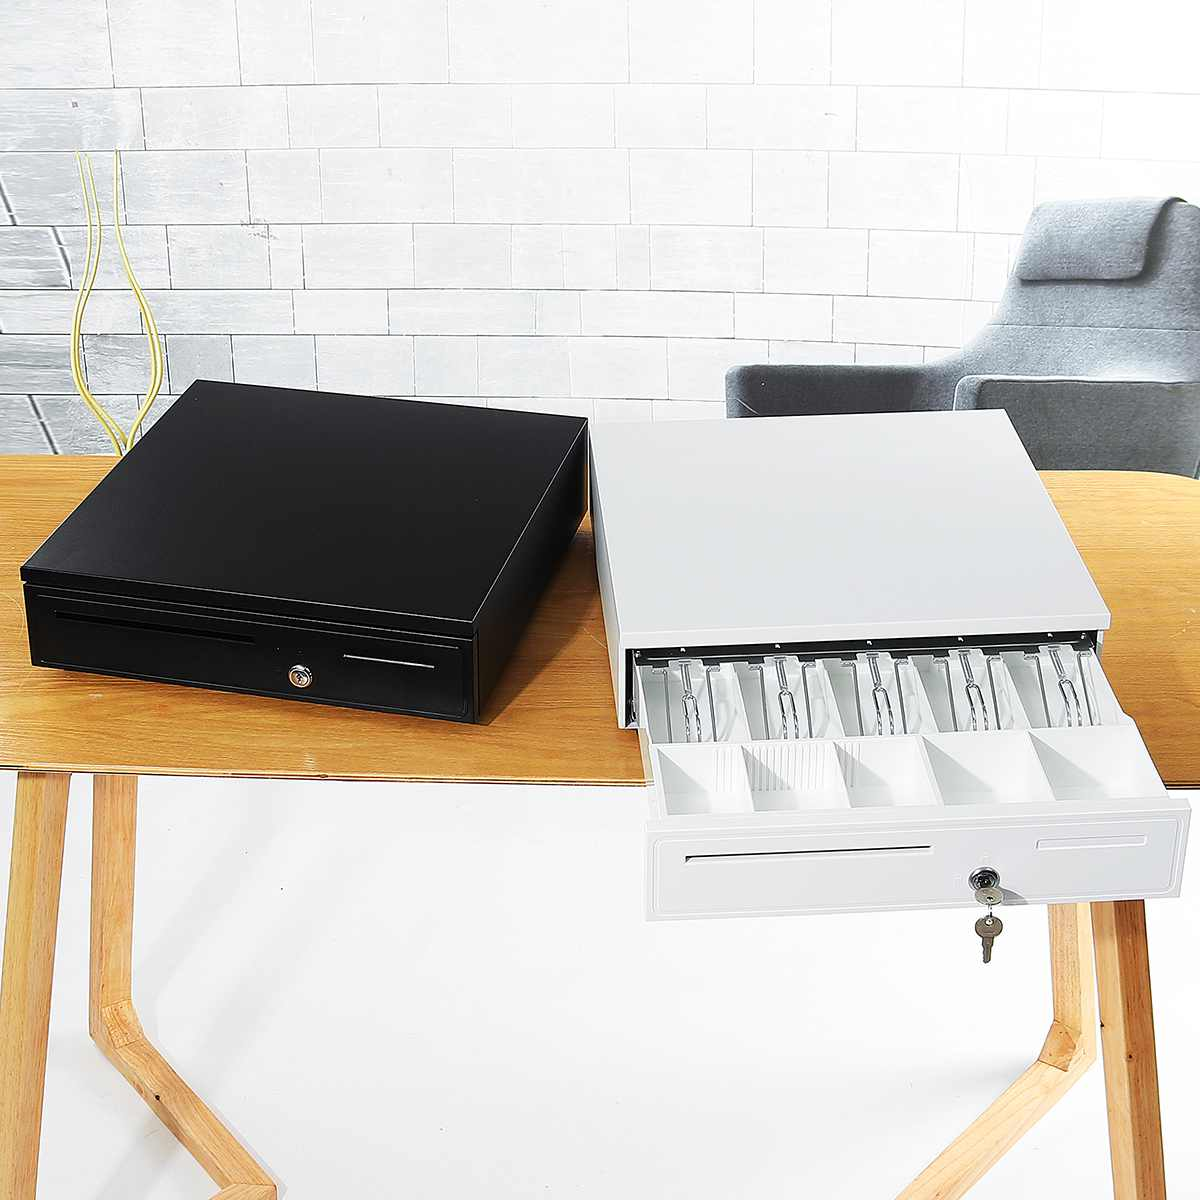 Boîte de tiroir de caisse lourde avec 5 plateau de monnaie 5 plateau de billets caisse enregistreuse RJ11 serrure à clé tiroir-caisse amovible pour supermarché blanc/noir